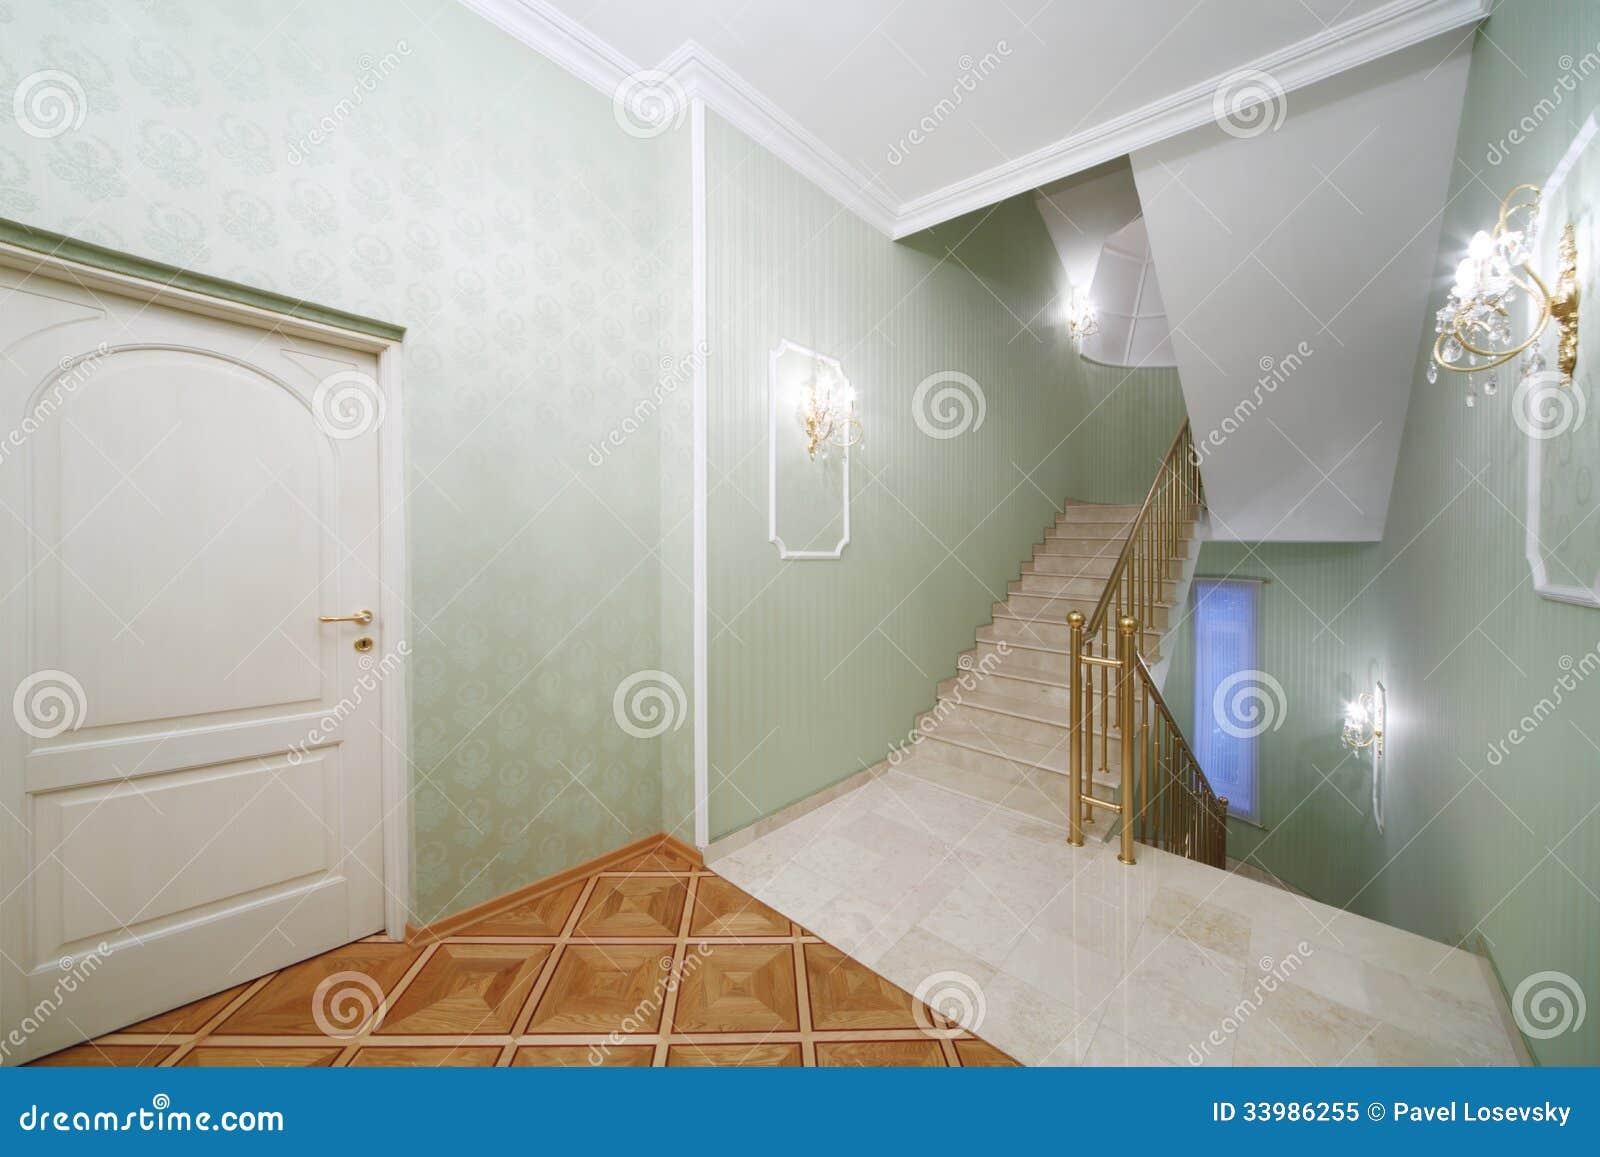 Volo delle scale scale di marmo bianche carta da parati - Scale di marmo ...